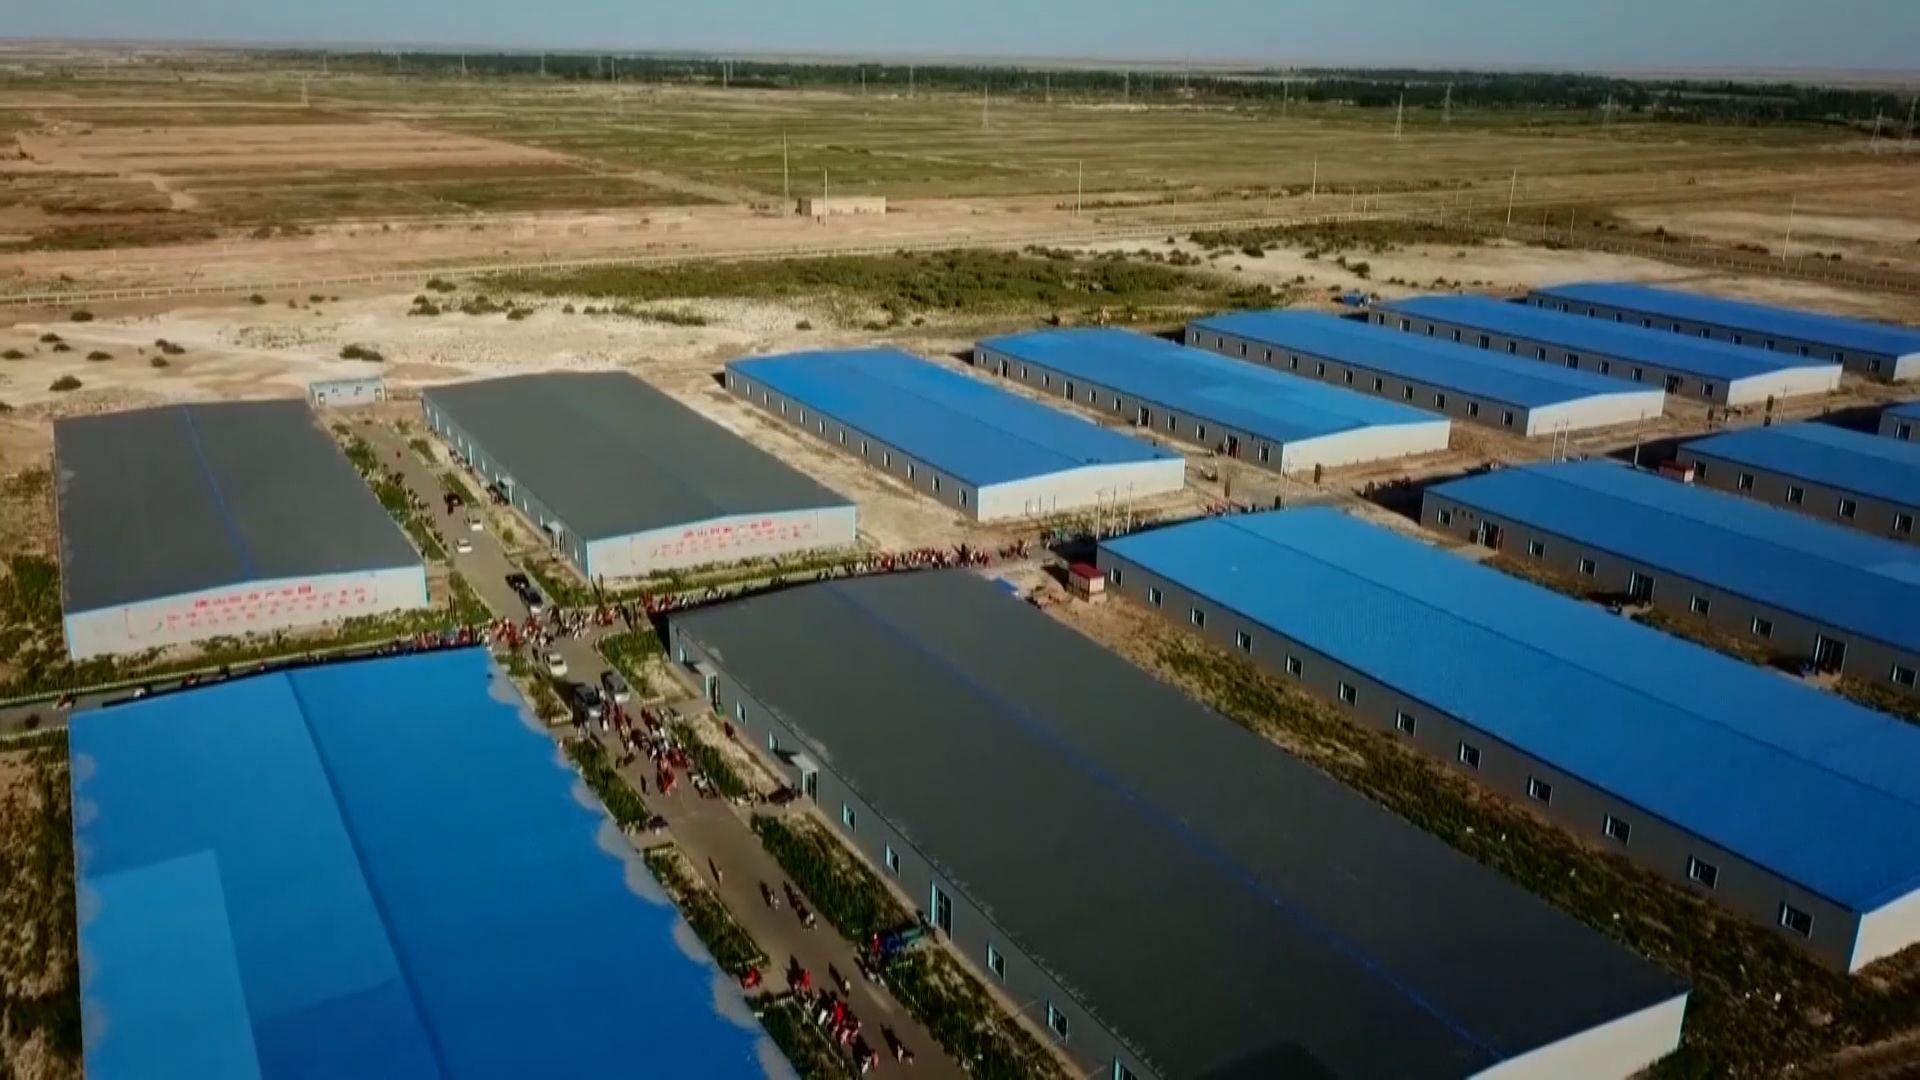 外交部重申新疆根本不存在再教育營